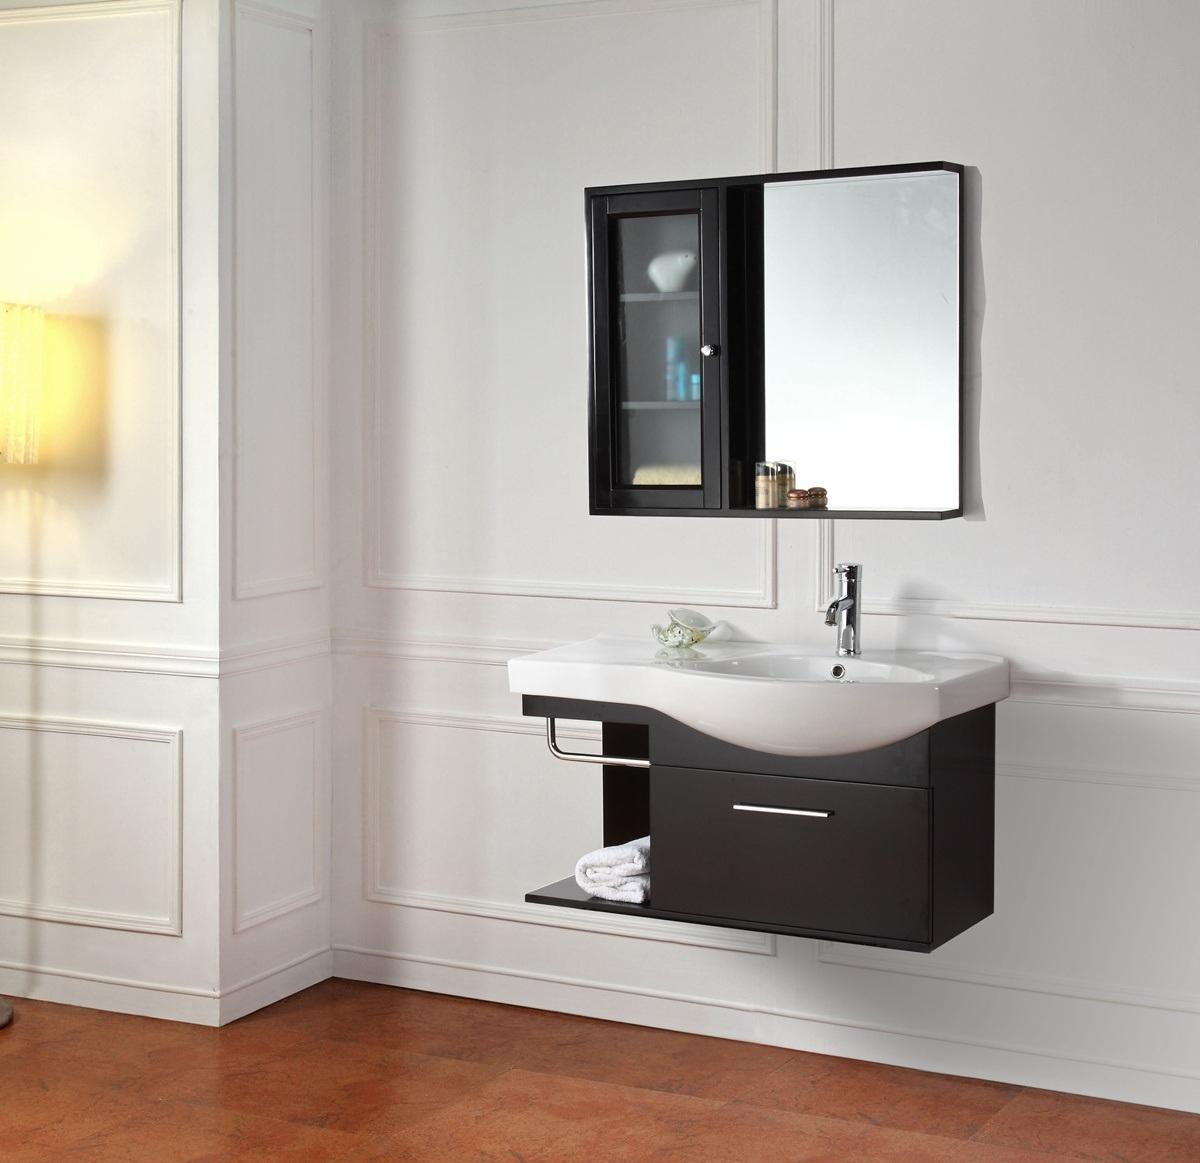 Gabinete para bano en madera - Muebles para banos pequenos modernos ...